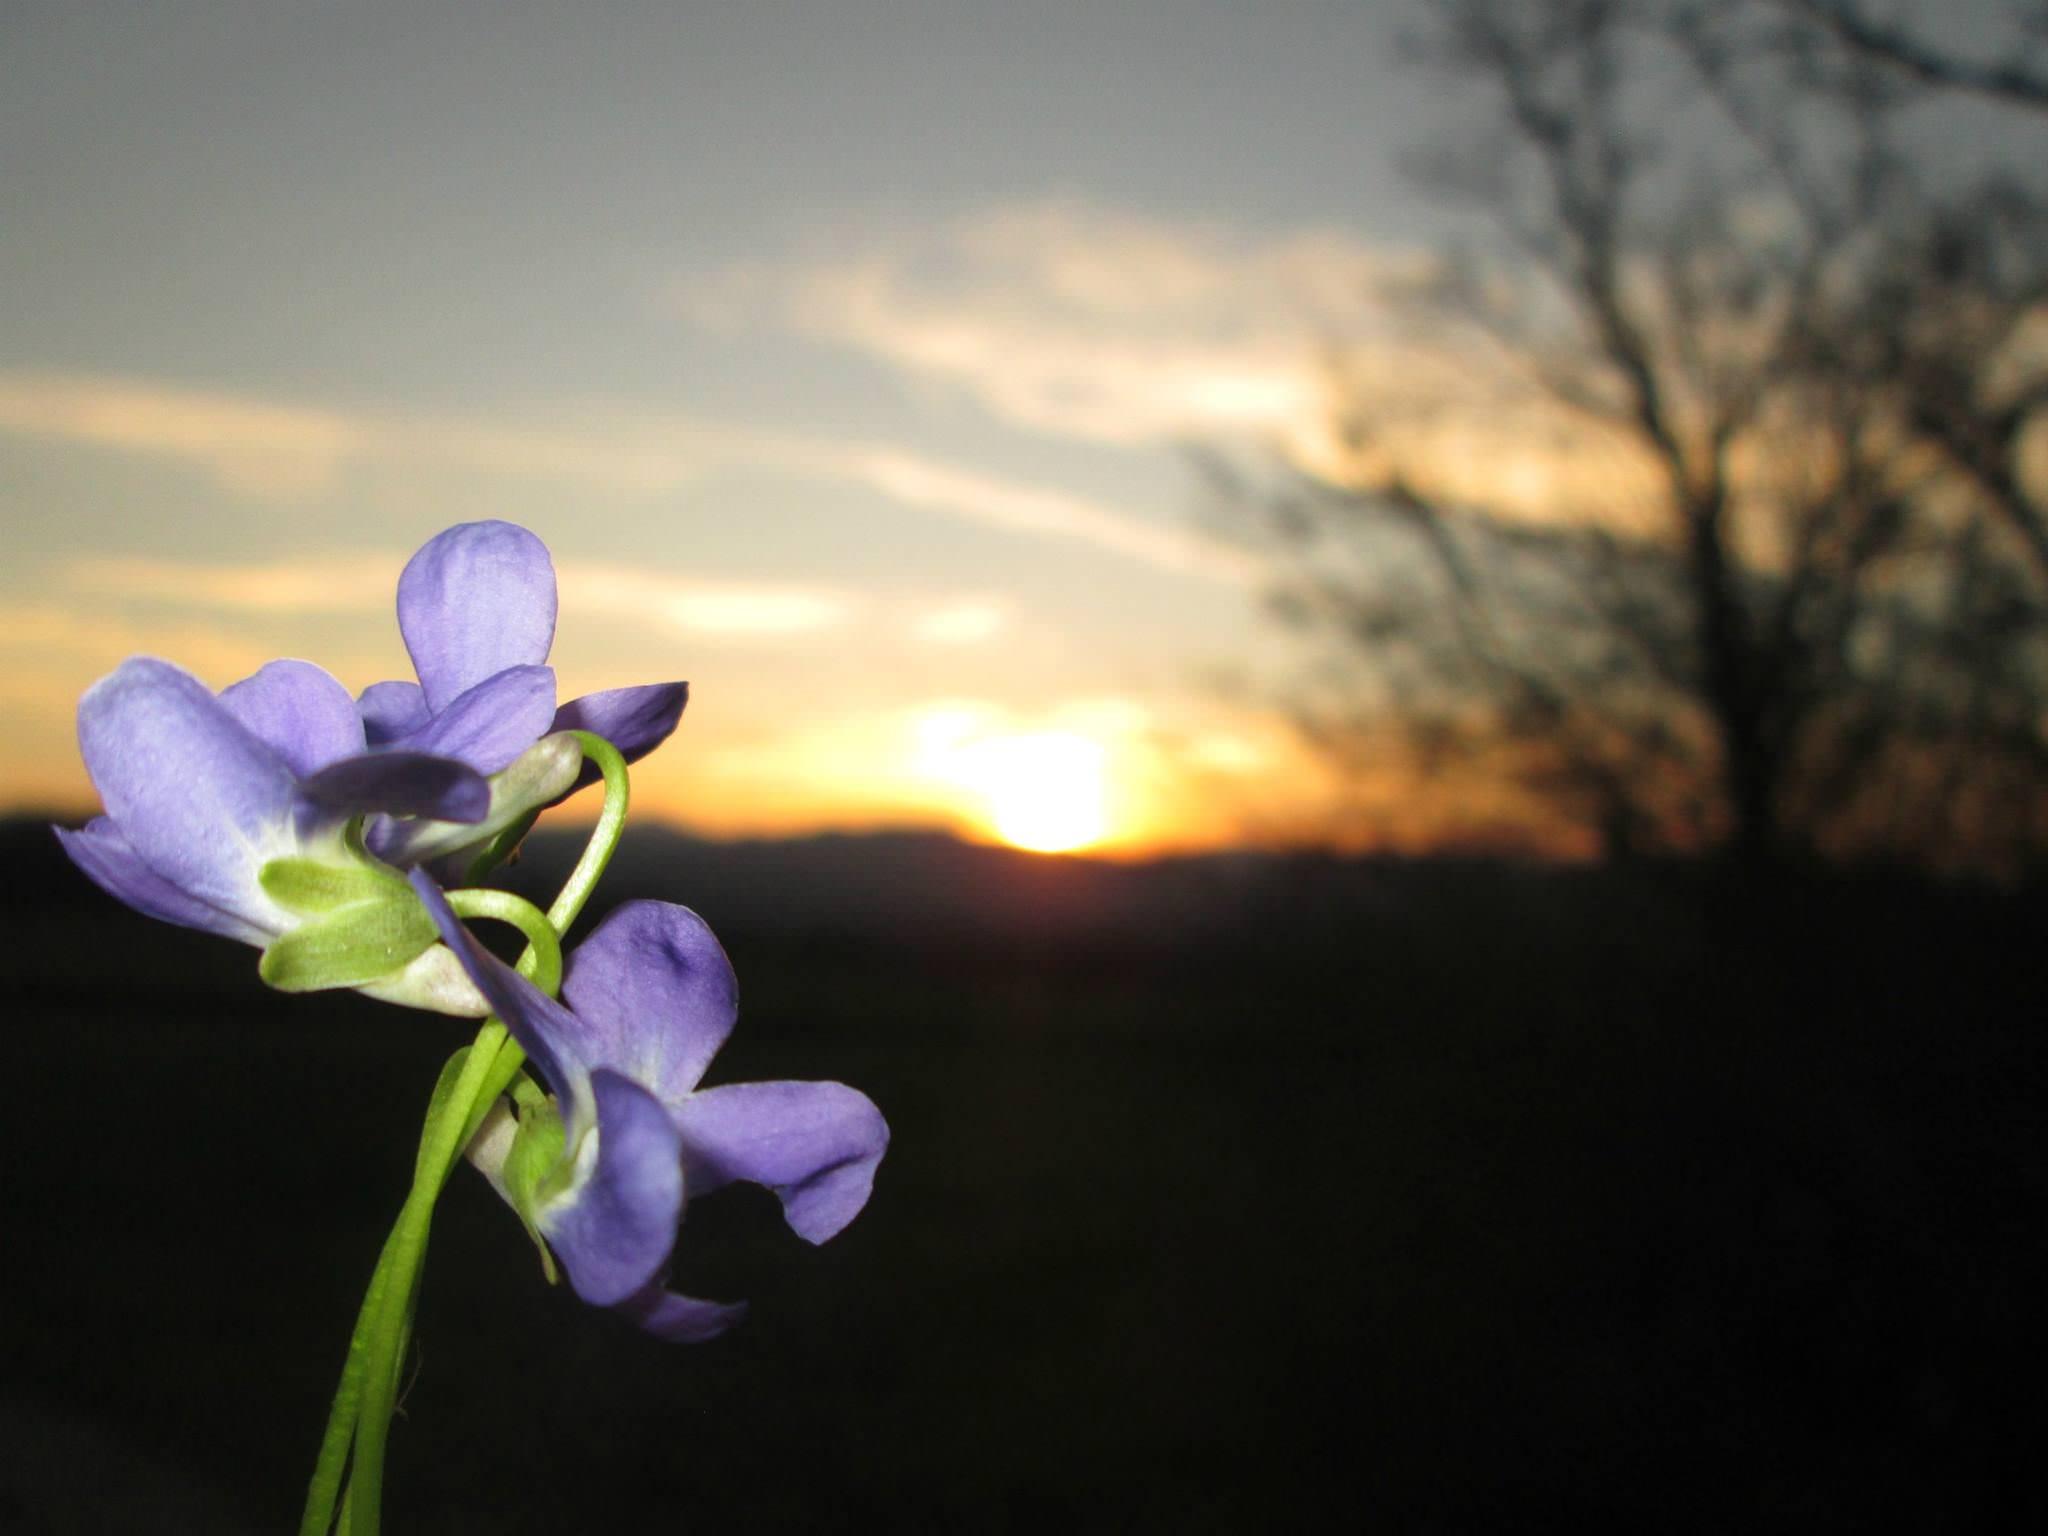 Прољећни поздрав Сунцу (фото: Јелена Радмиловић)